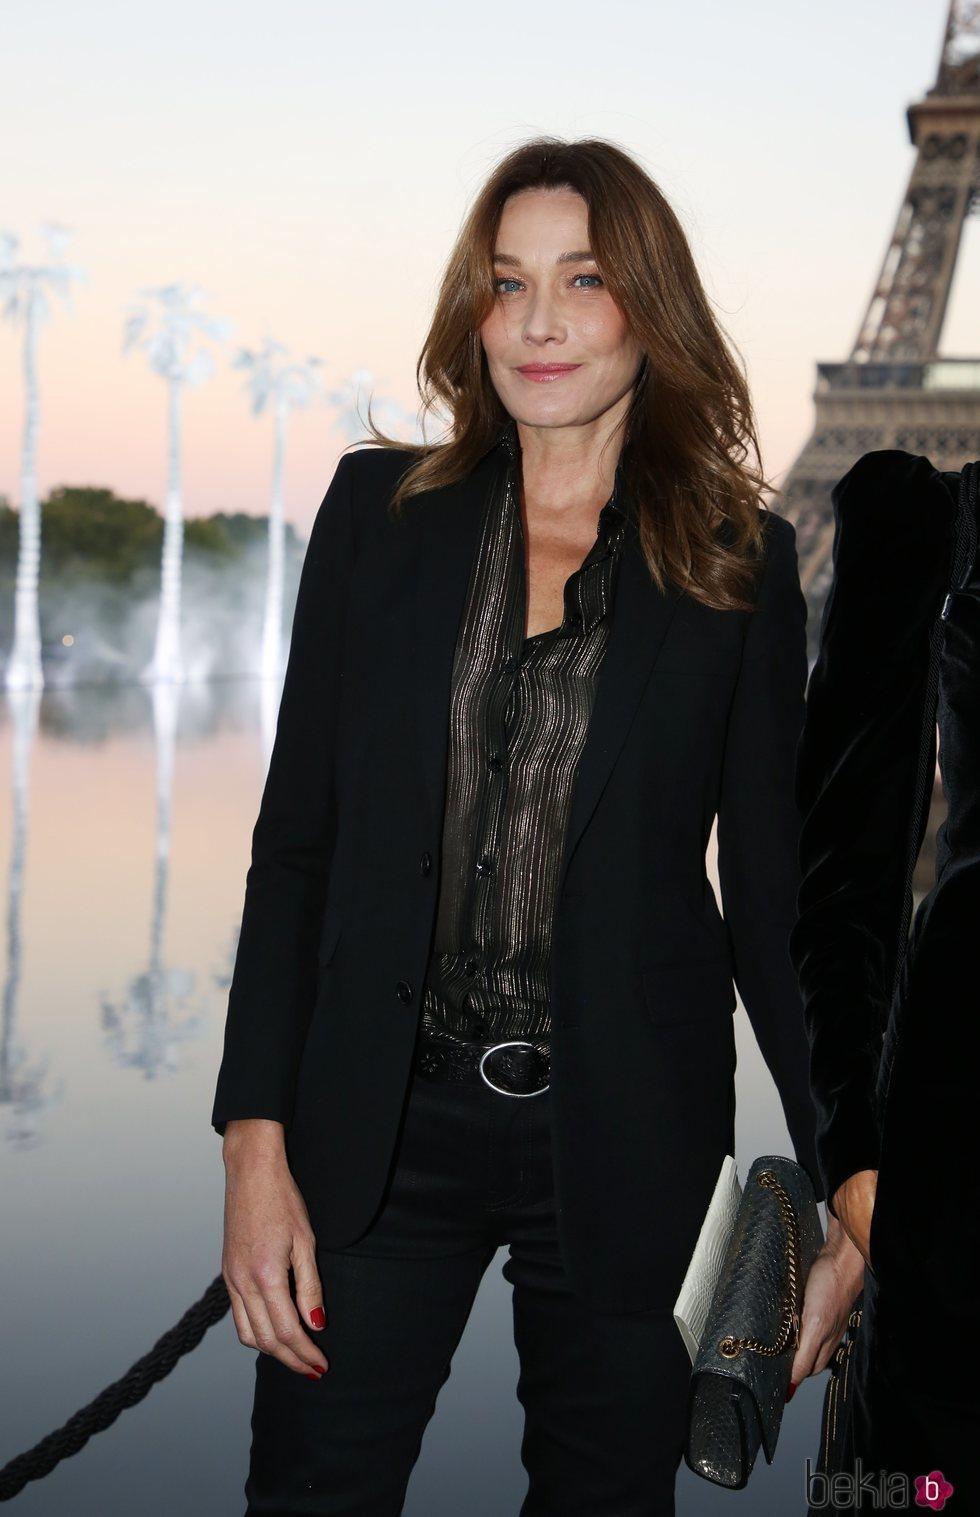 Carla Bruni en el evento de ChristianDior de a Fashion Week de París